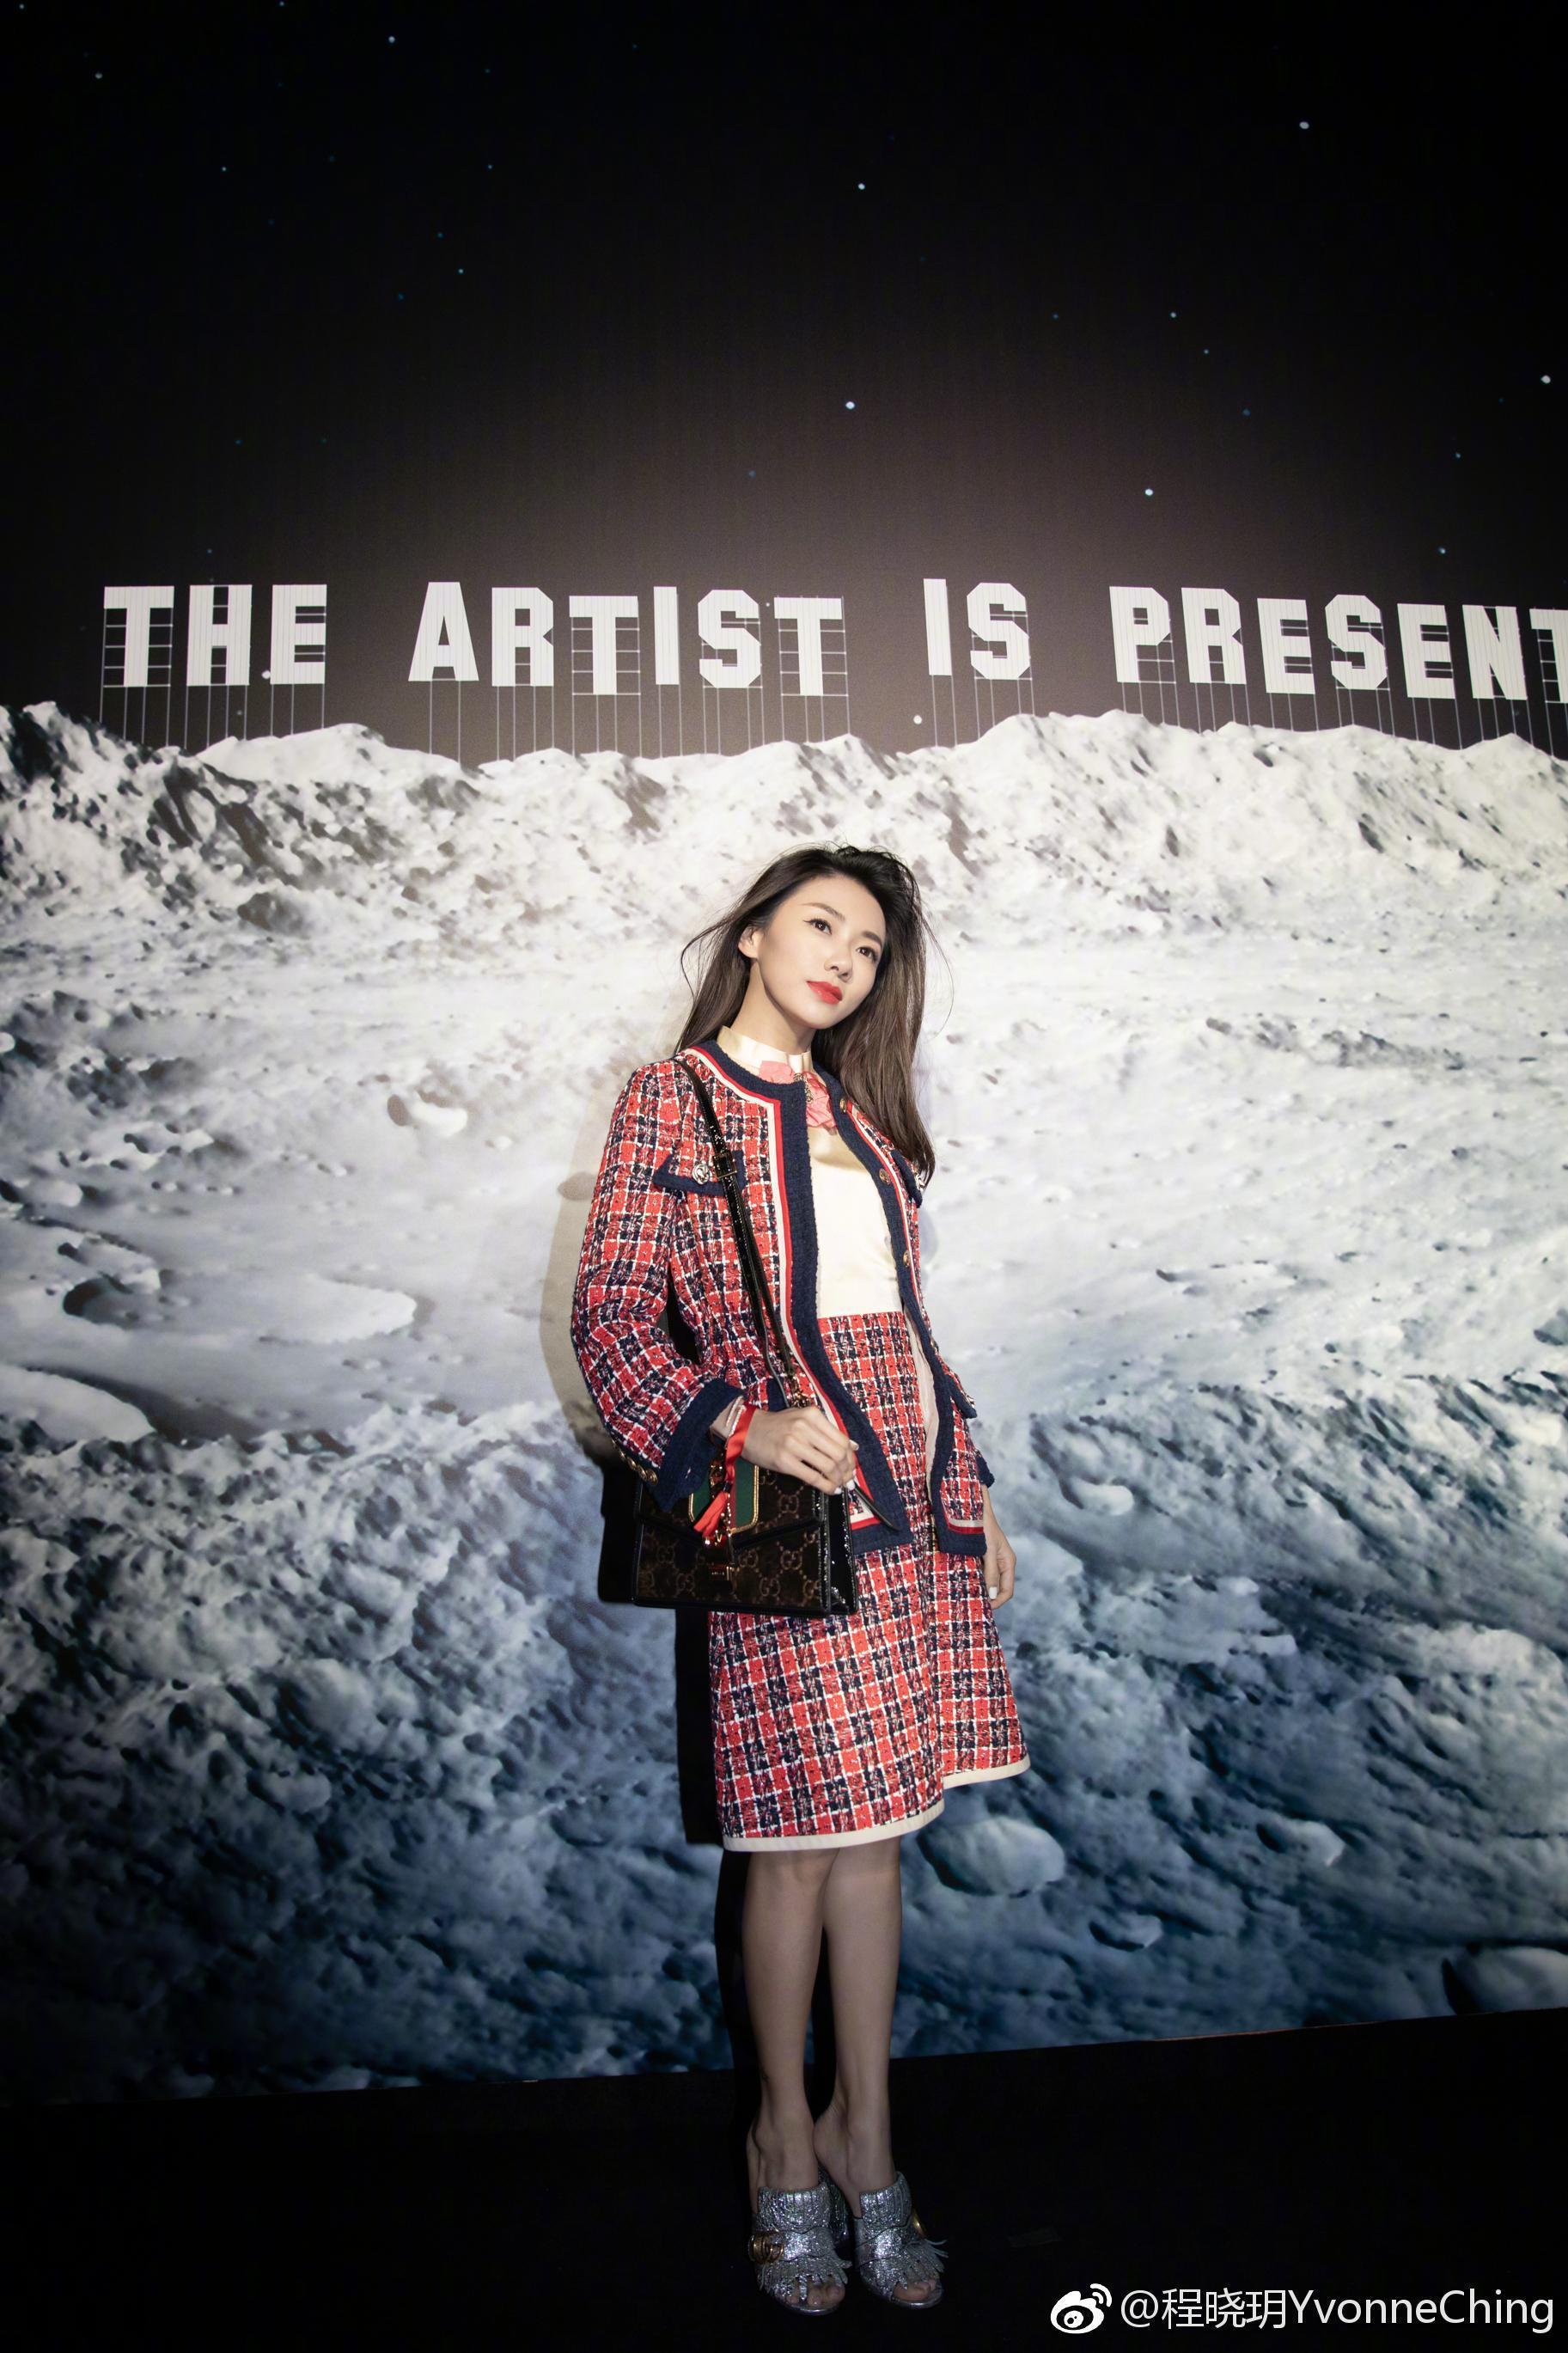 程晓玥以为贵就是时尚了,一身格子显土气不说,她的身材也撑不起